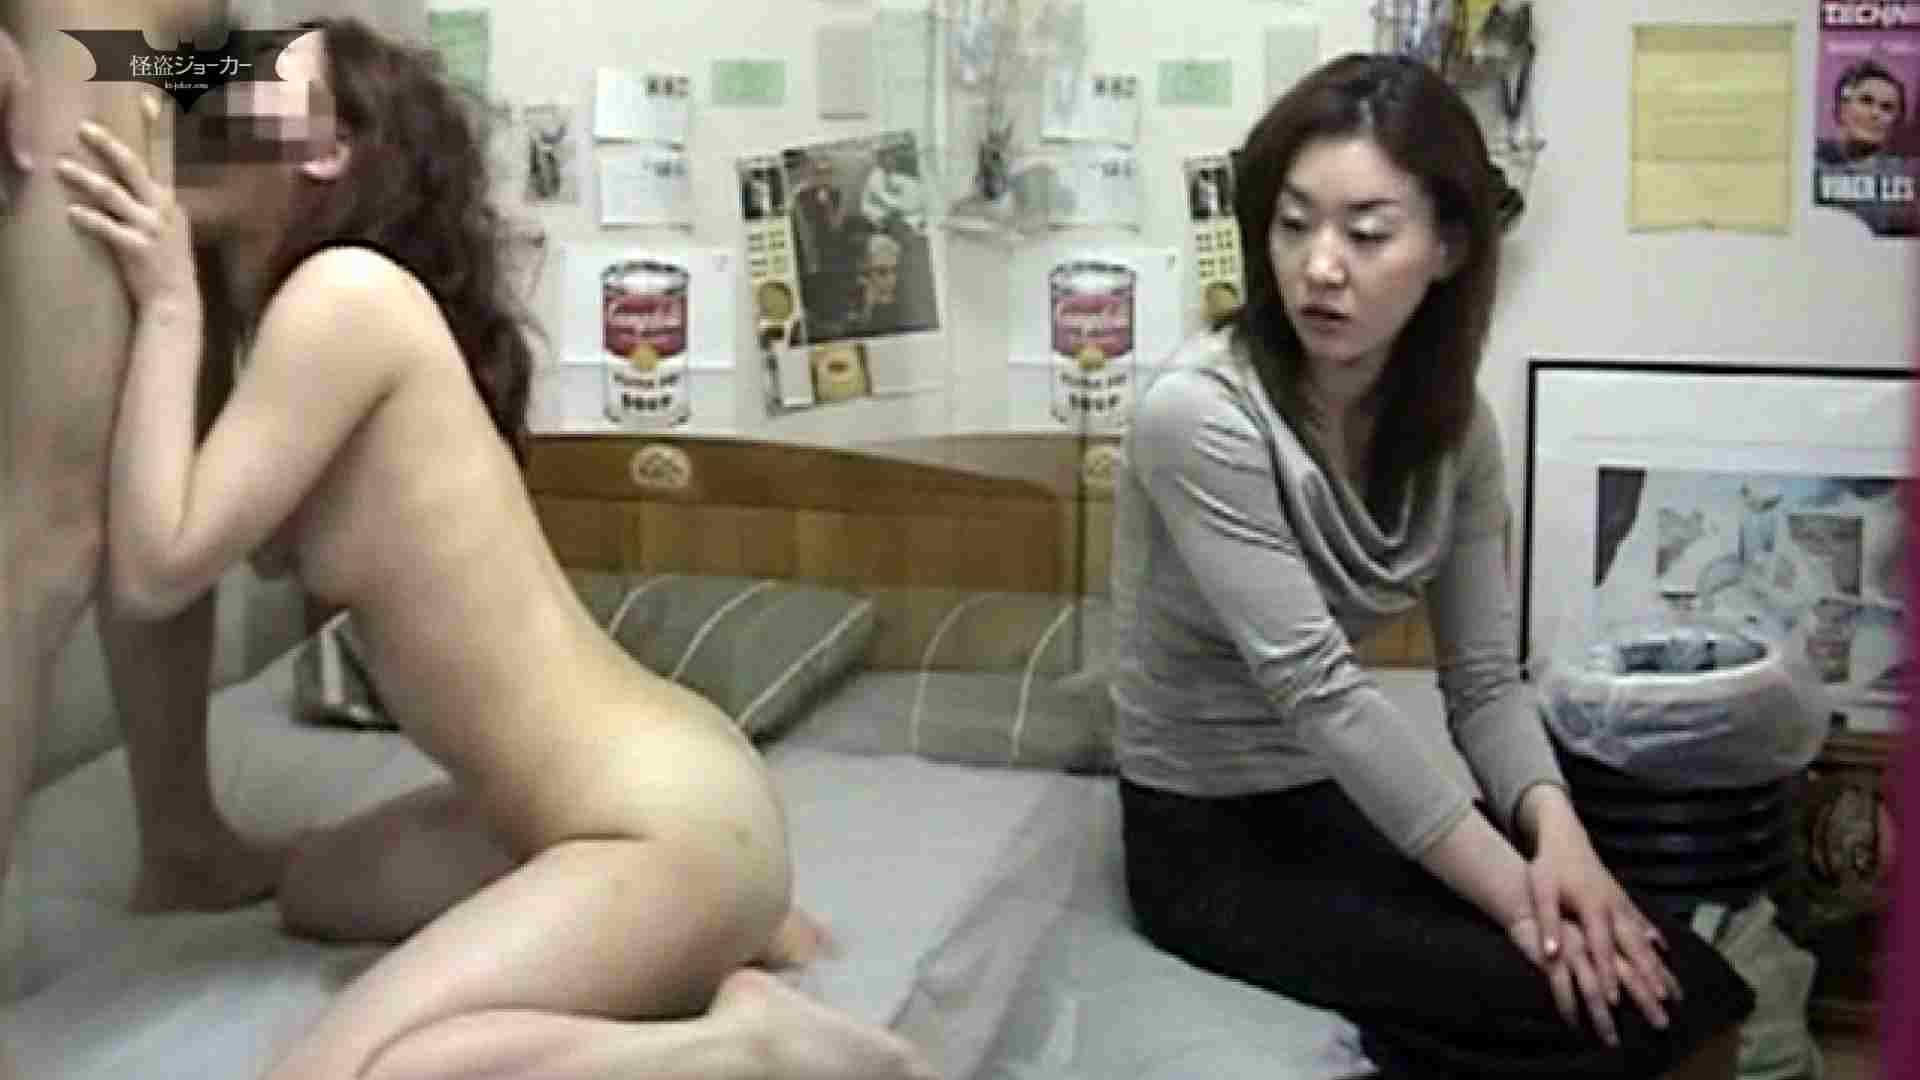 素人女良を部屋に連れ込み隠し撮りSEX!! その⑩ 体操教室の先生 しおり 素人流出 | リアルSEX  51PIX 13